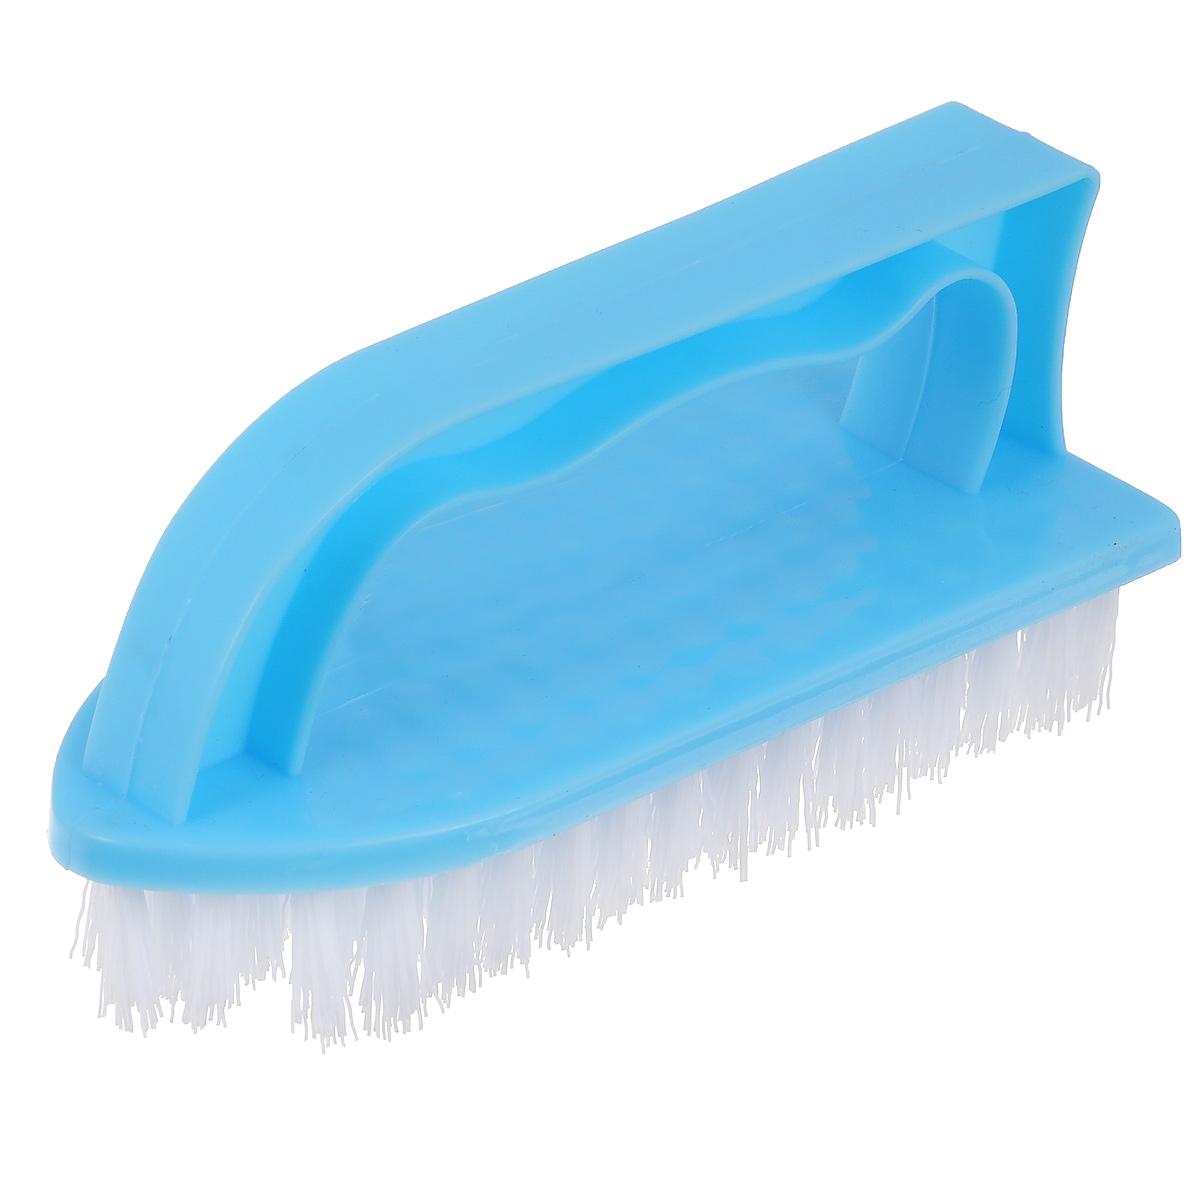 Щетка Home Queen Утюг, универсальная, цвет: голубой. 87SATURN CANCARDЩетка Home Queen Утюг, выполненная из полипропилена и нейлона, является универсальной щеткой для очистки поверхностей ванной комнаты и кухни. Оснащена удобной ручкой.Длина ворсинок: 2,5 см.